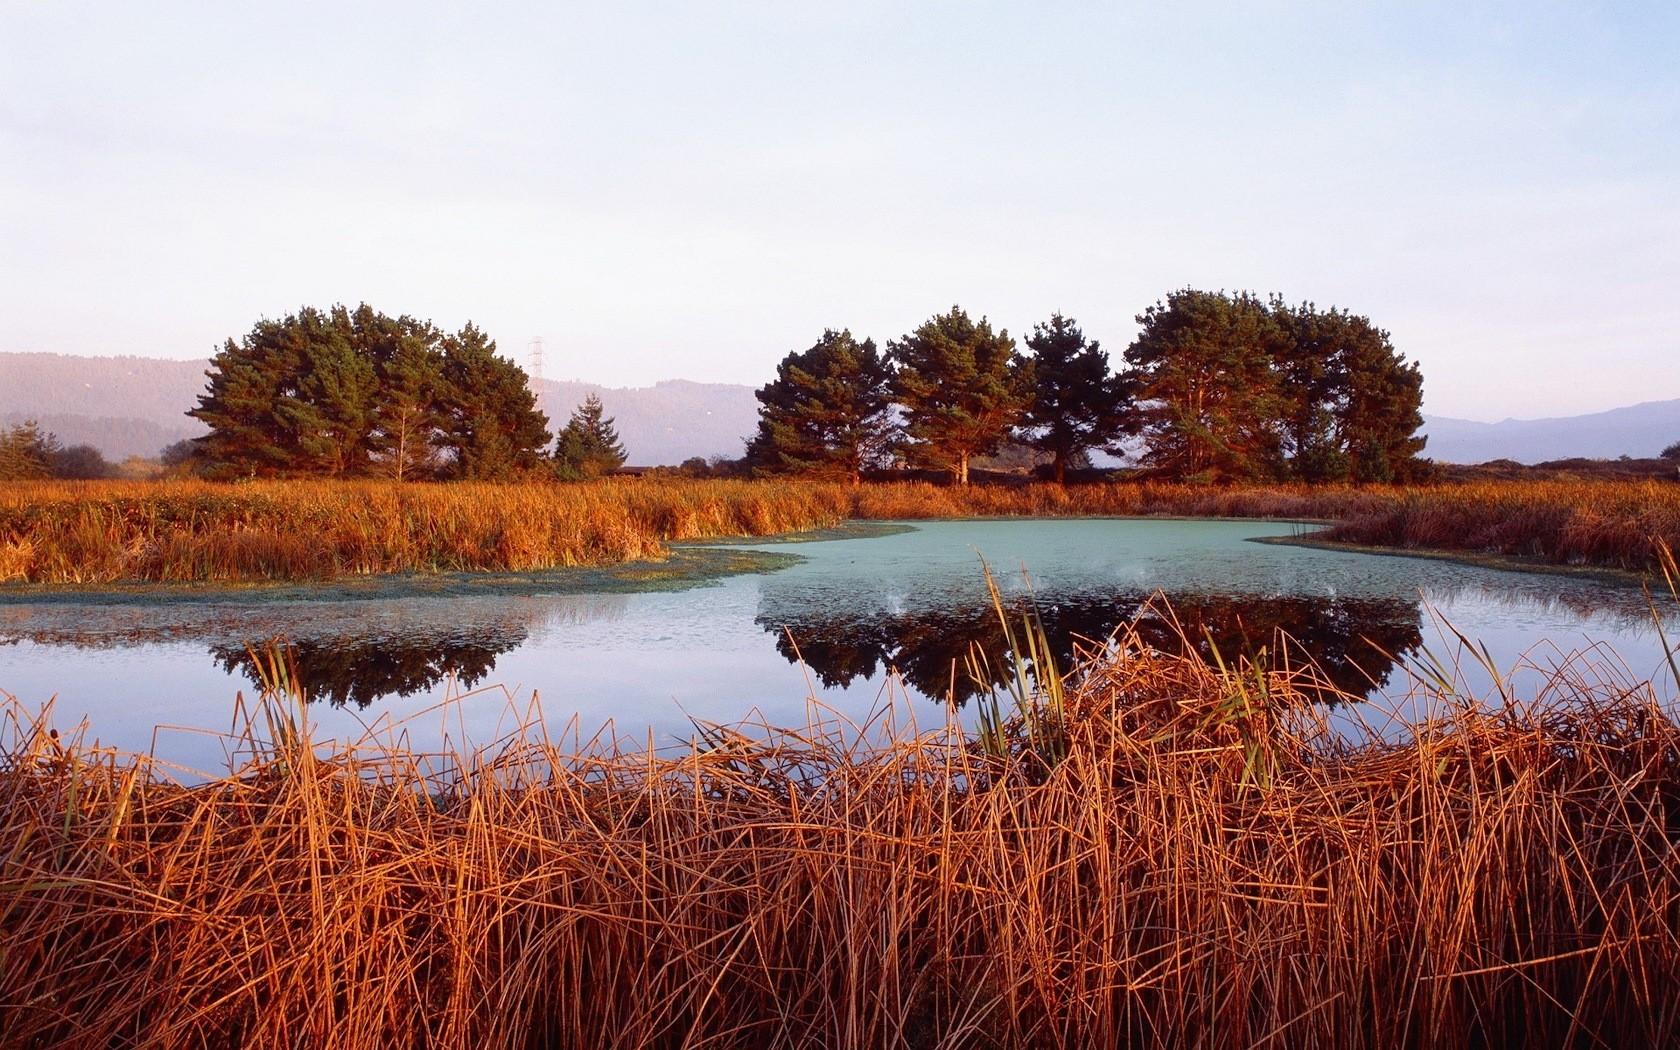 22603 скачать обои Пейзаж, Река, Деревья, Закат - заставки и картинки бесплатно